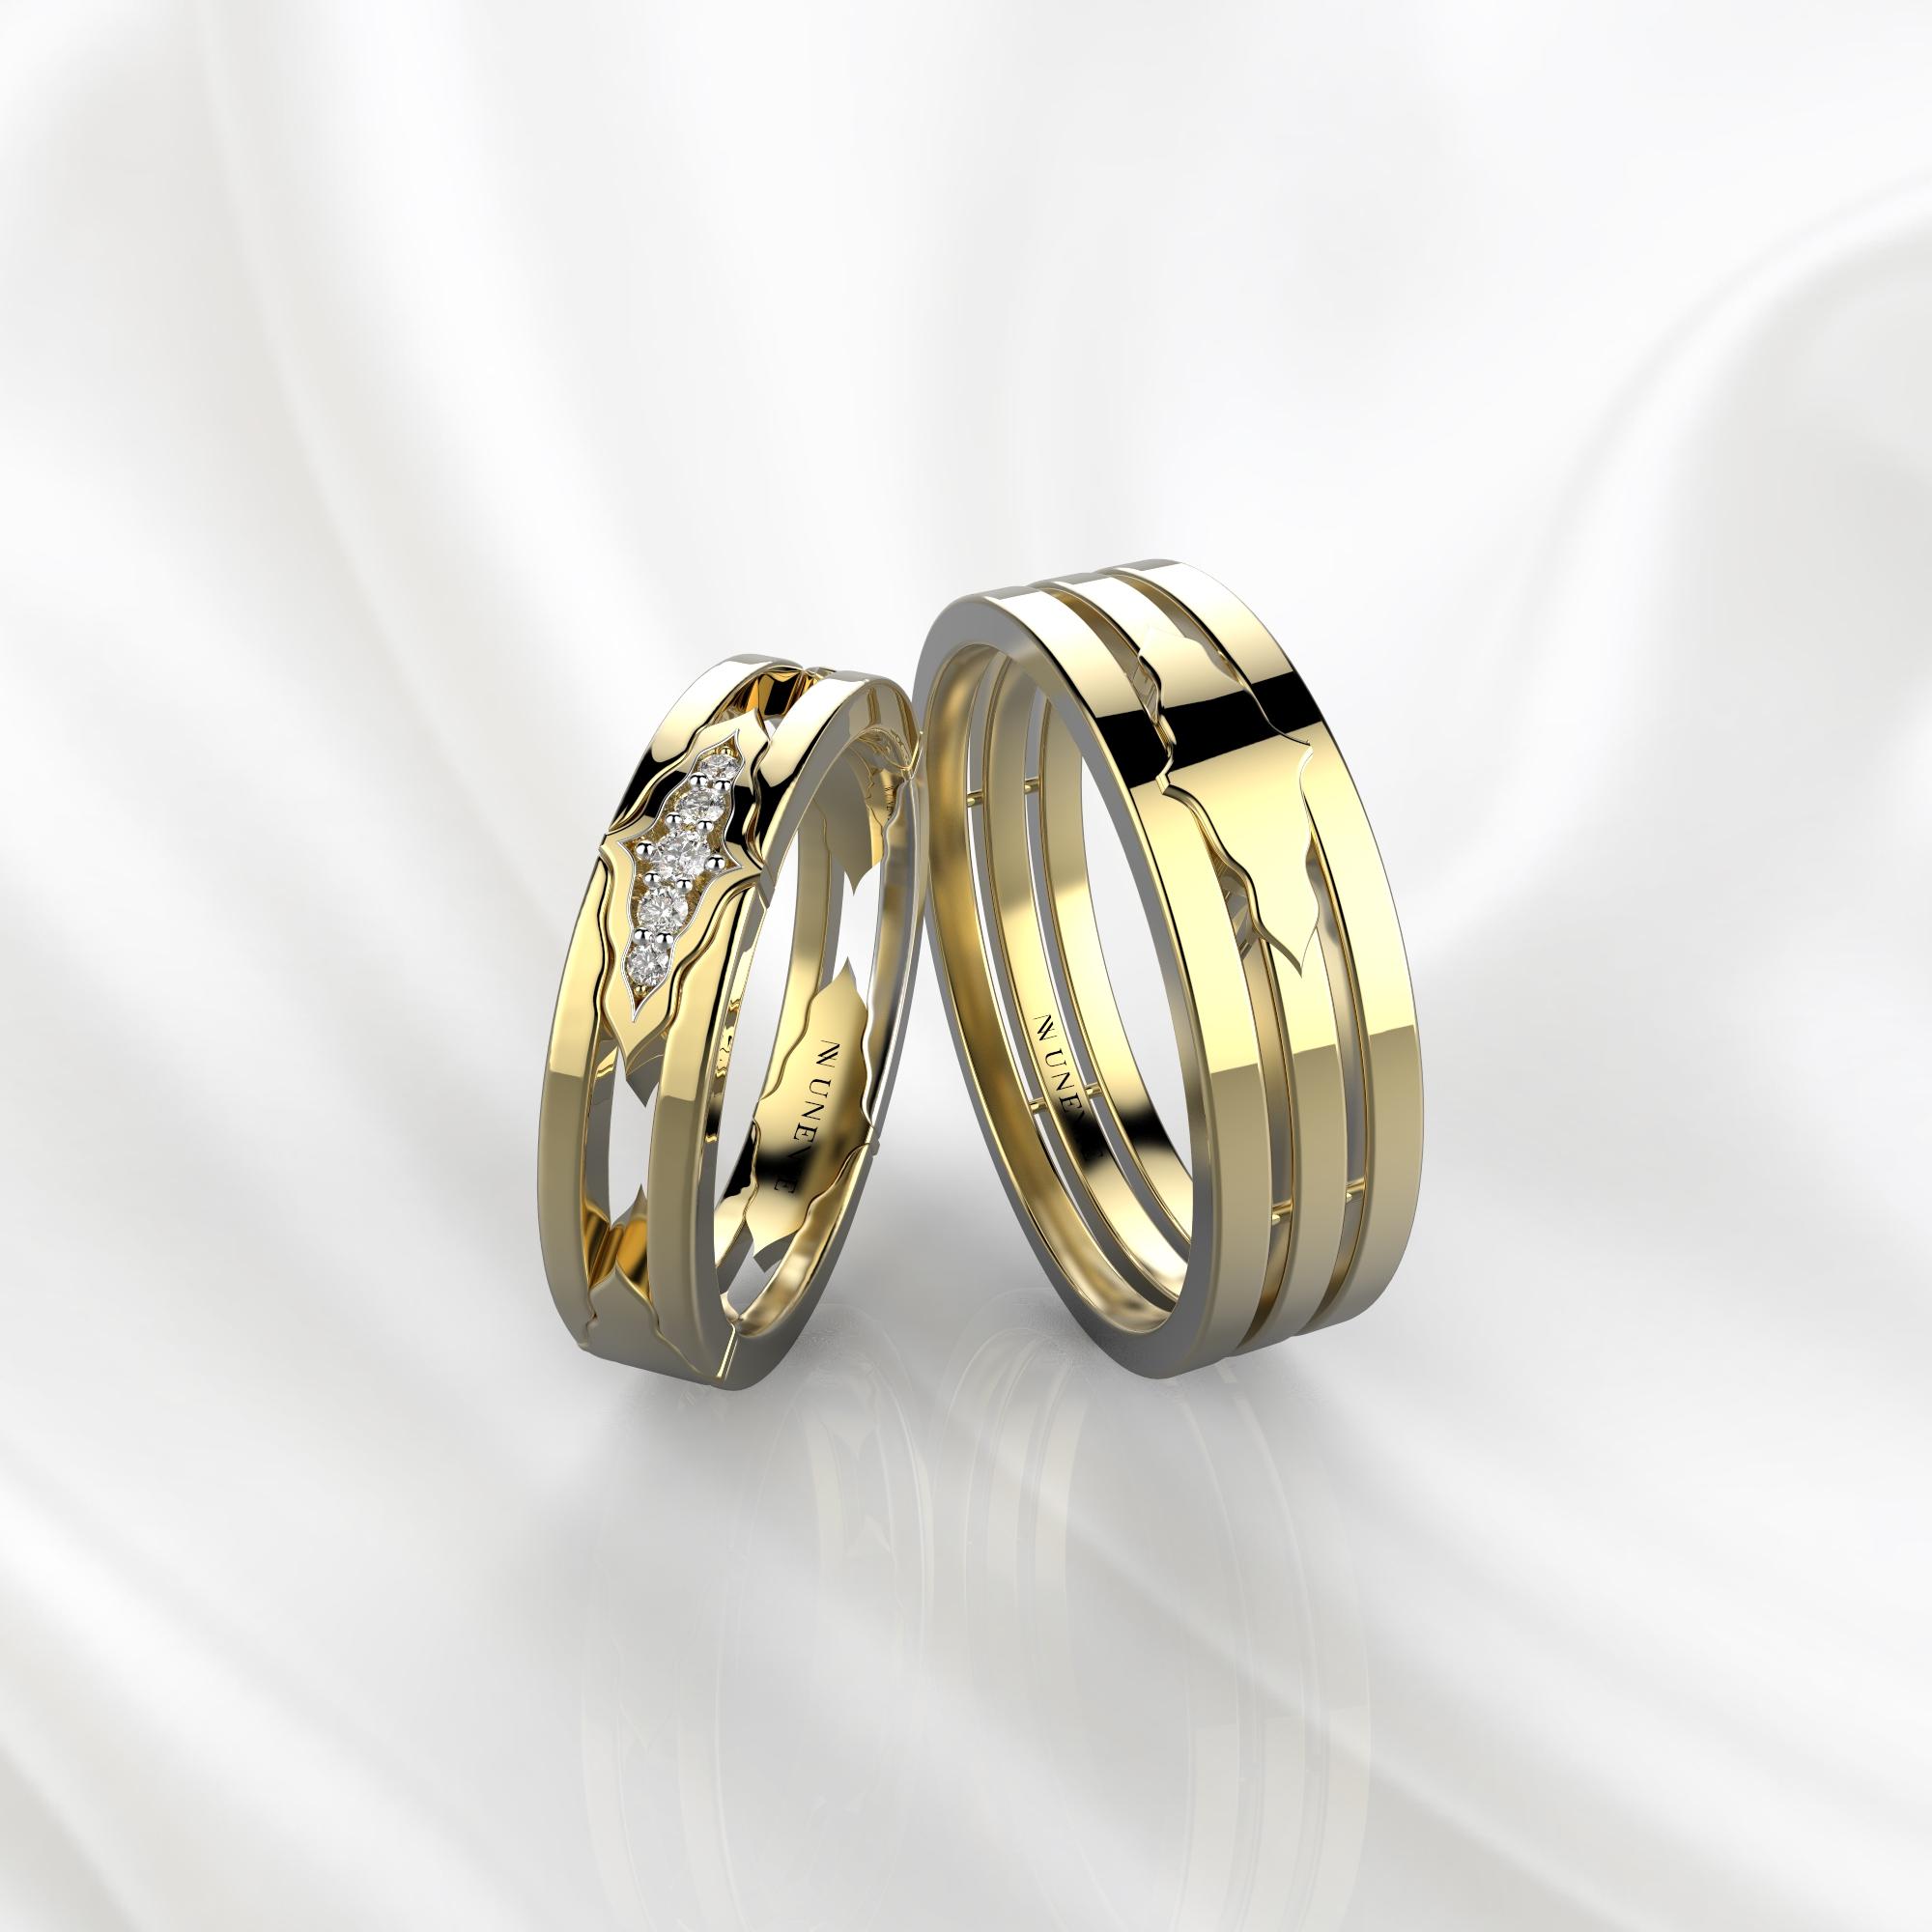 Парные обручальные кольца из желтого золота с 5 бриллиантами